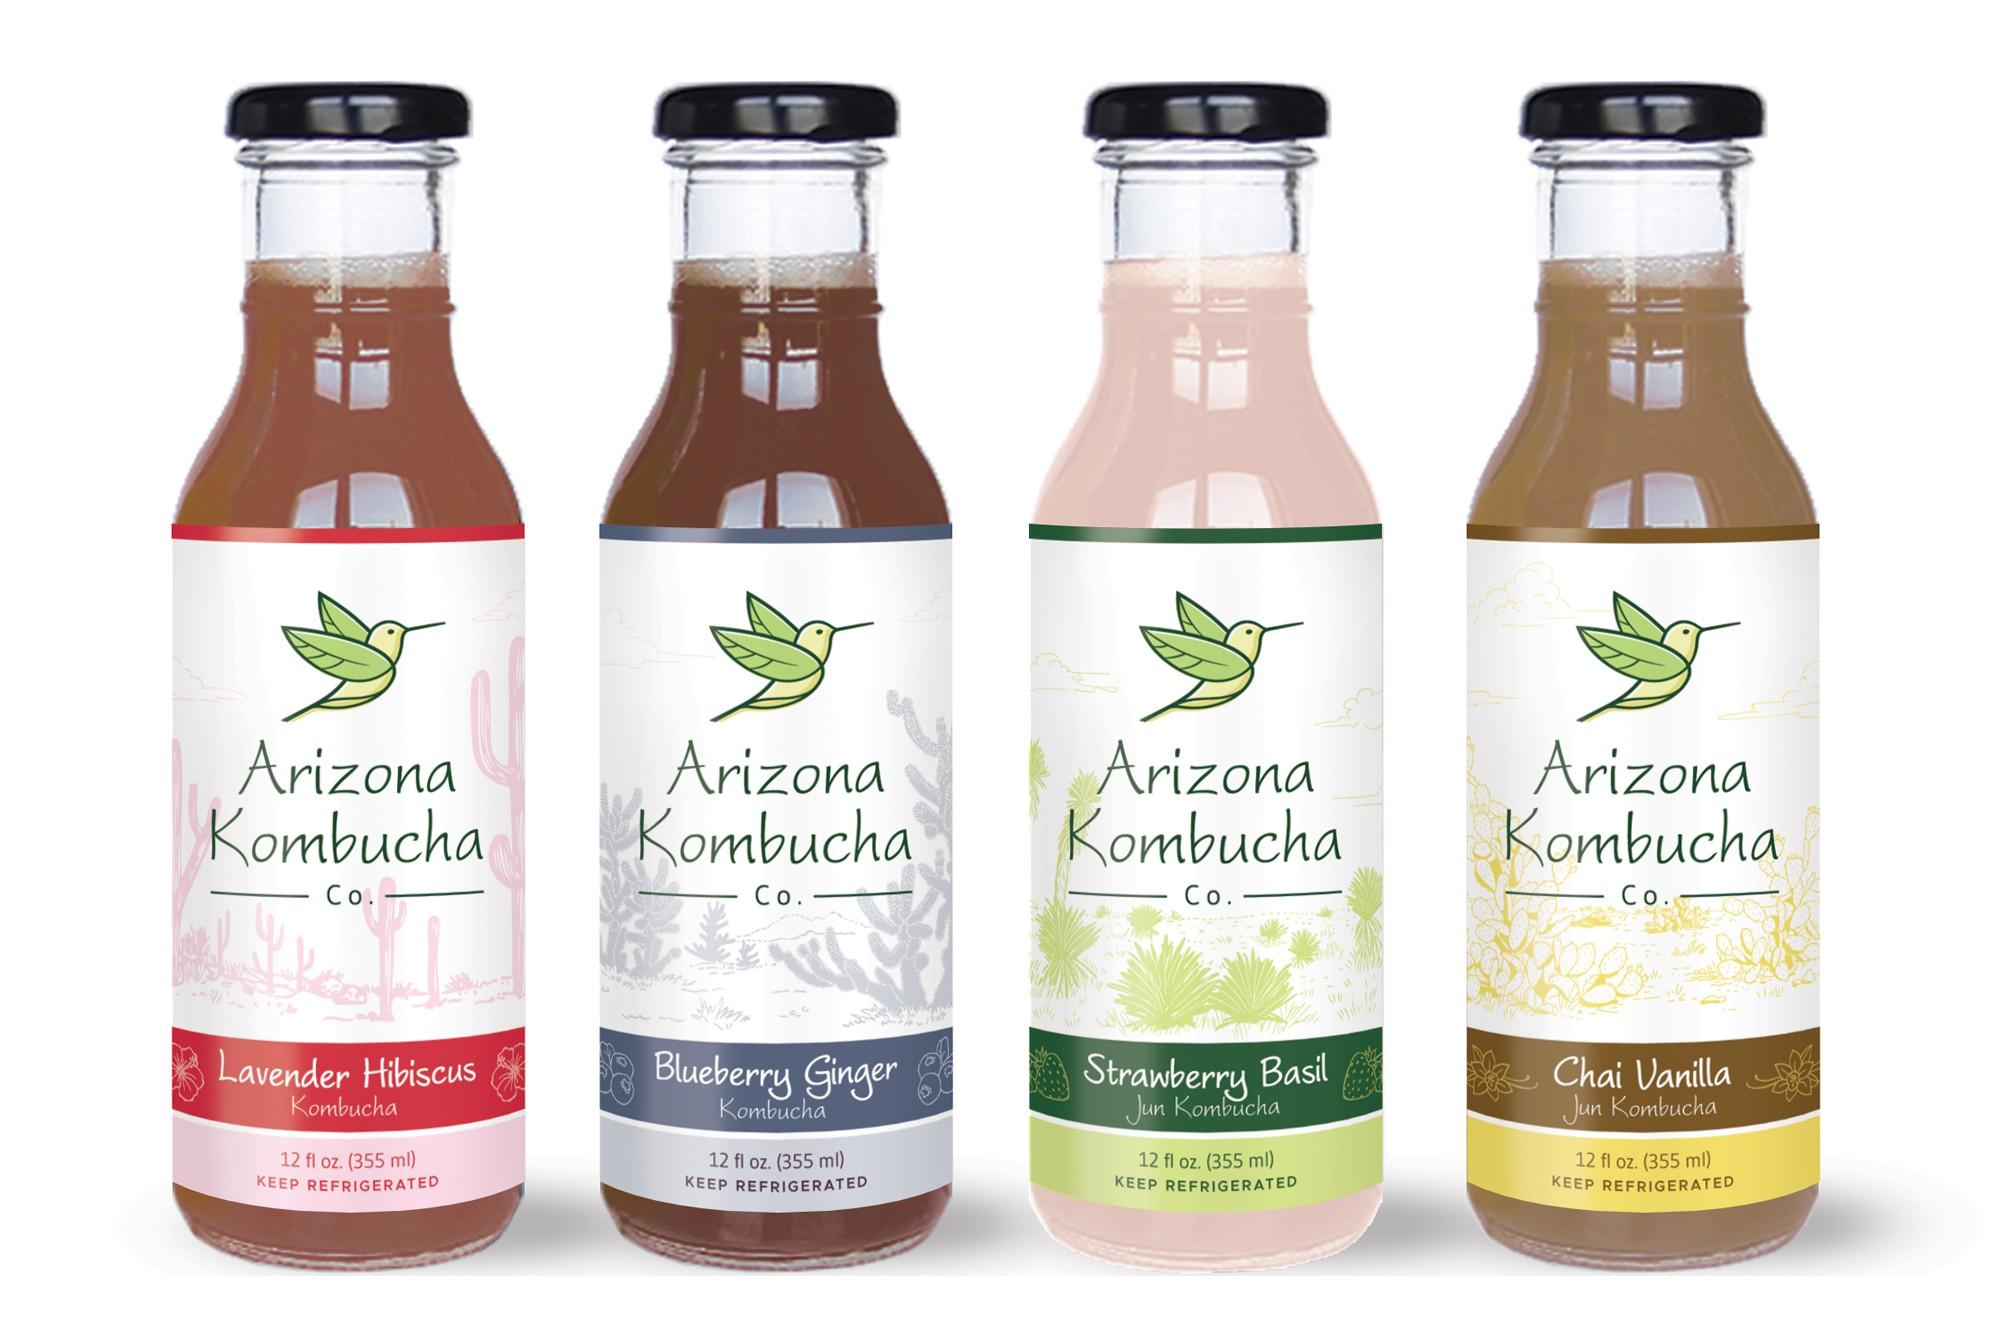 Label design for Arizona Kombucha Company